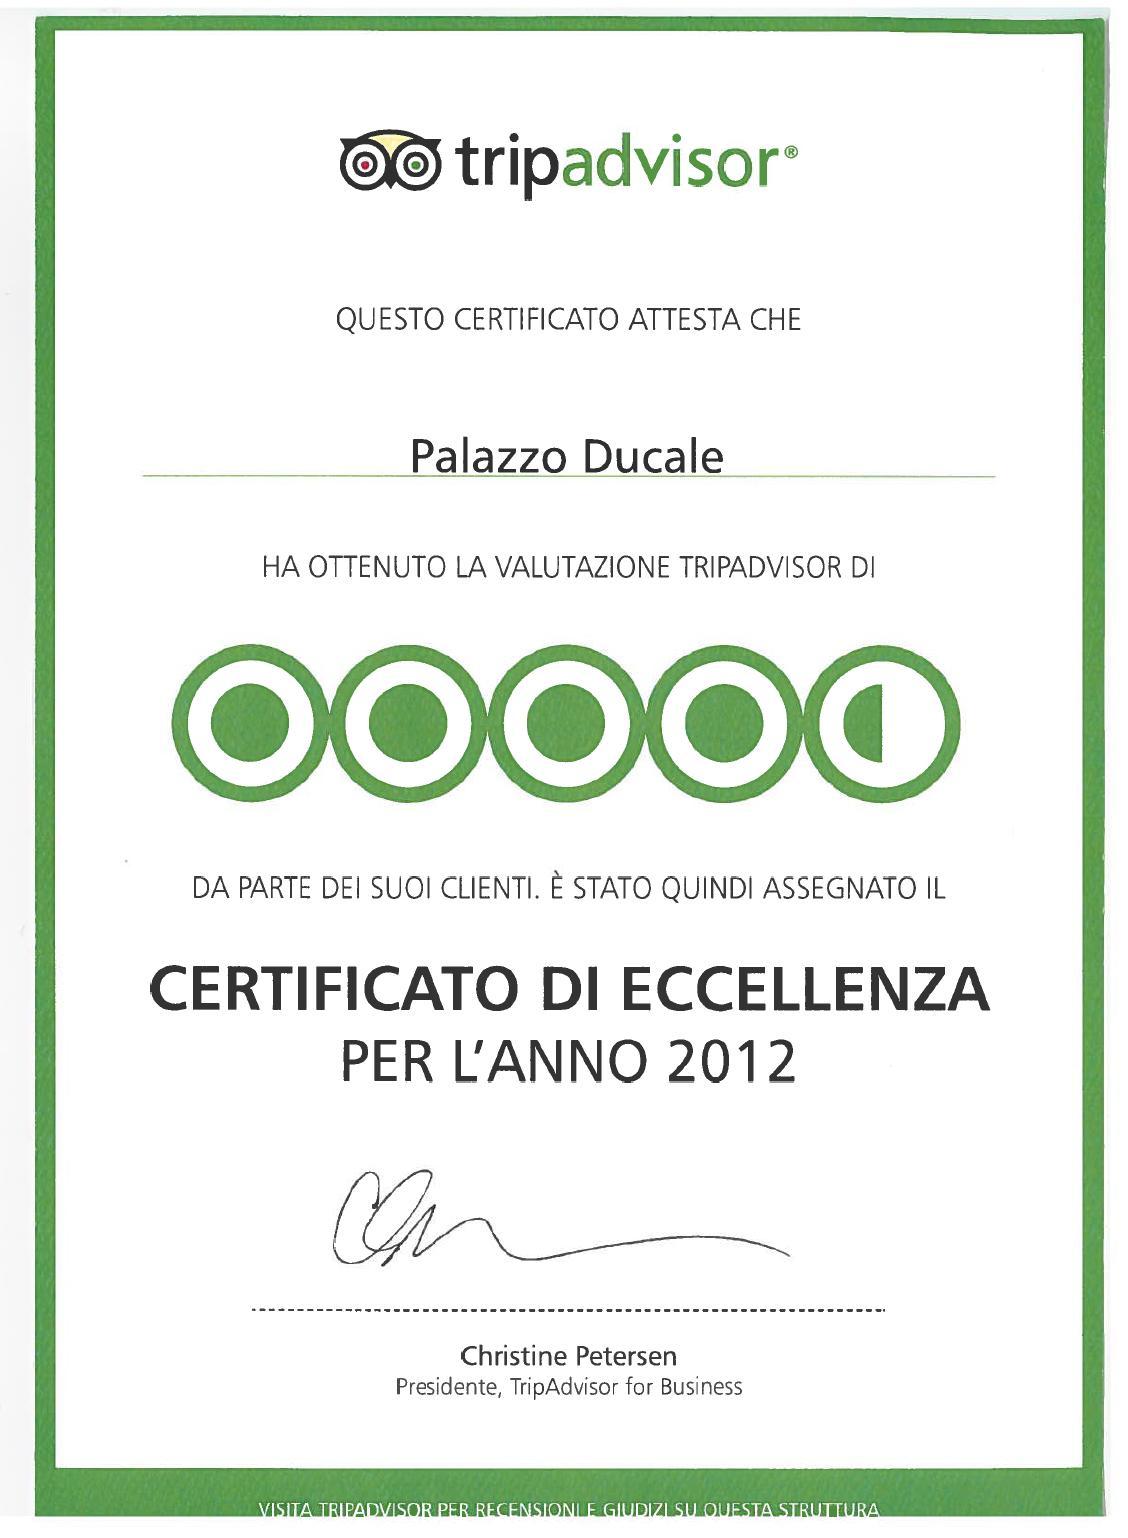 Certificato di Eccellenza Tripadvisor 2012